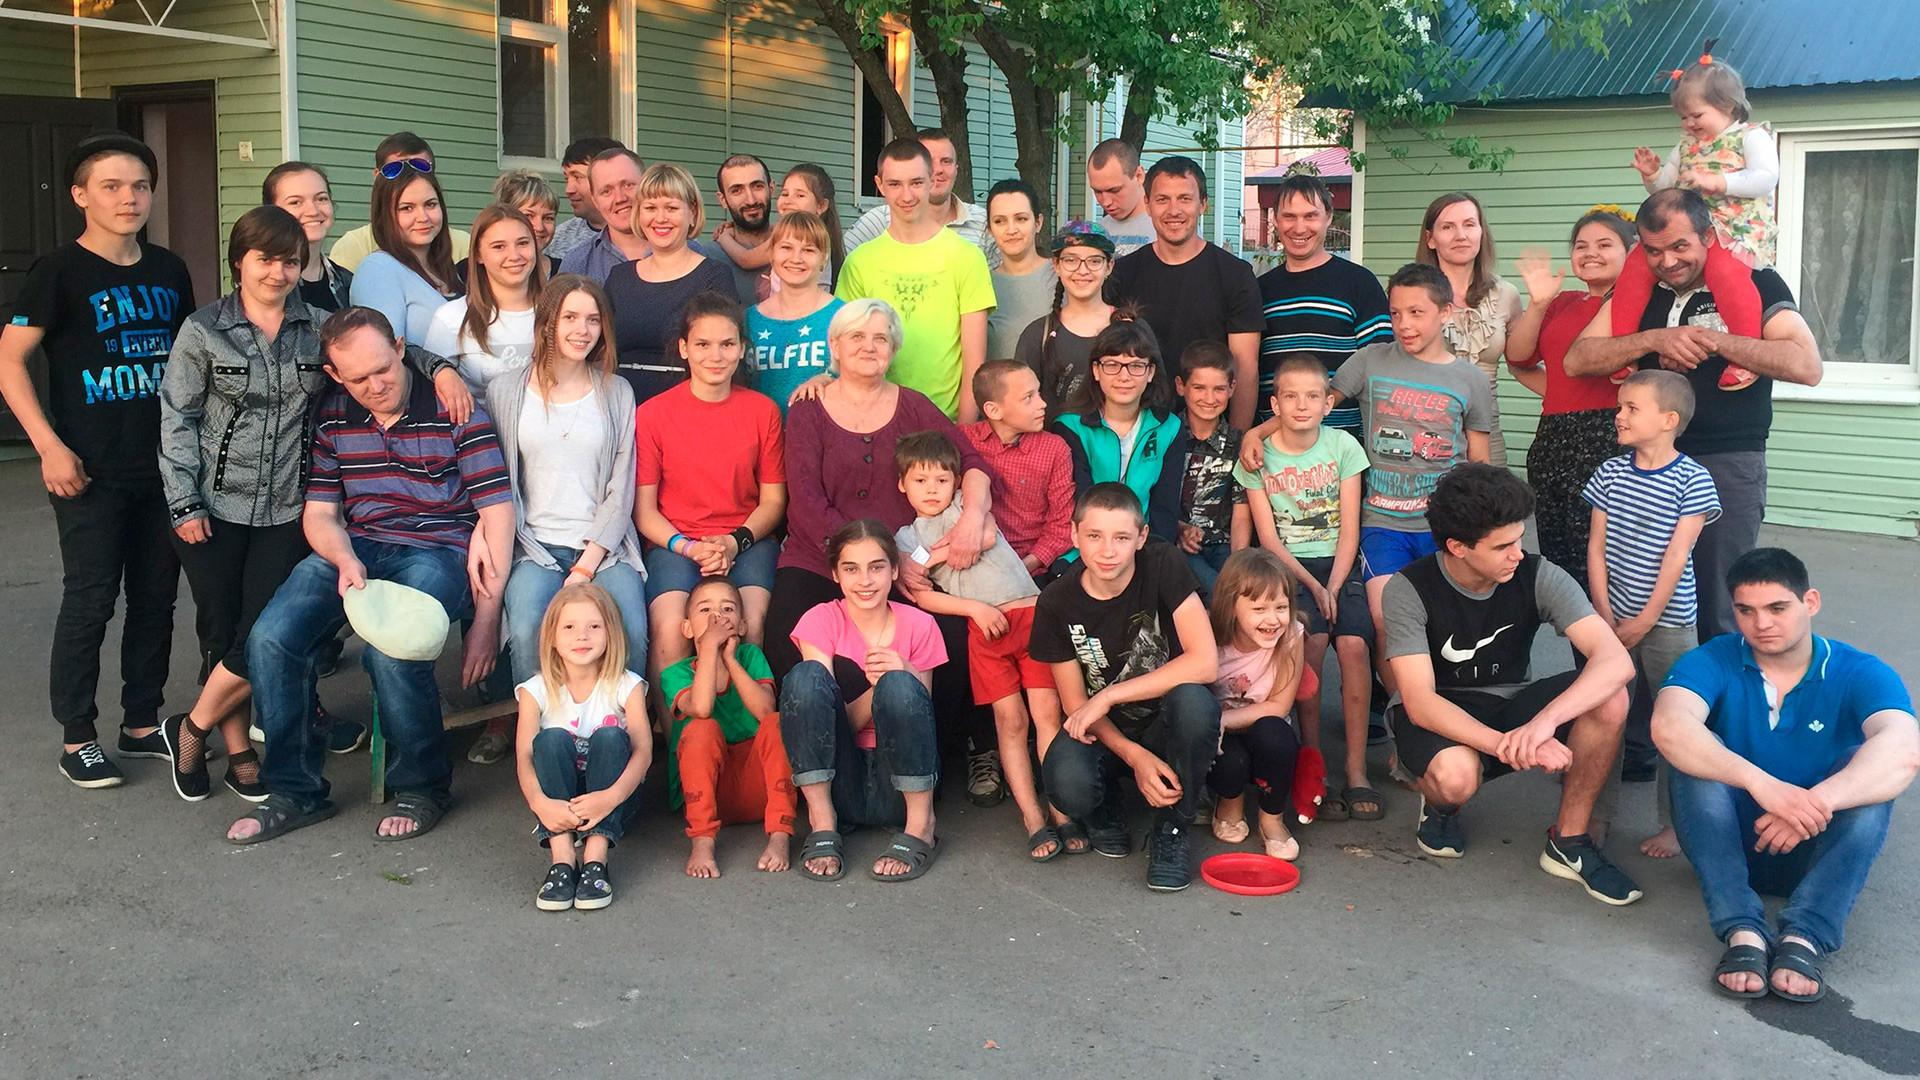 Family photo (2018)